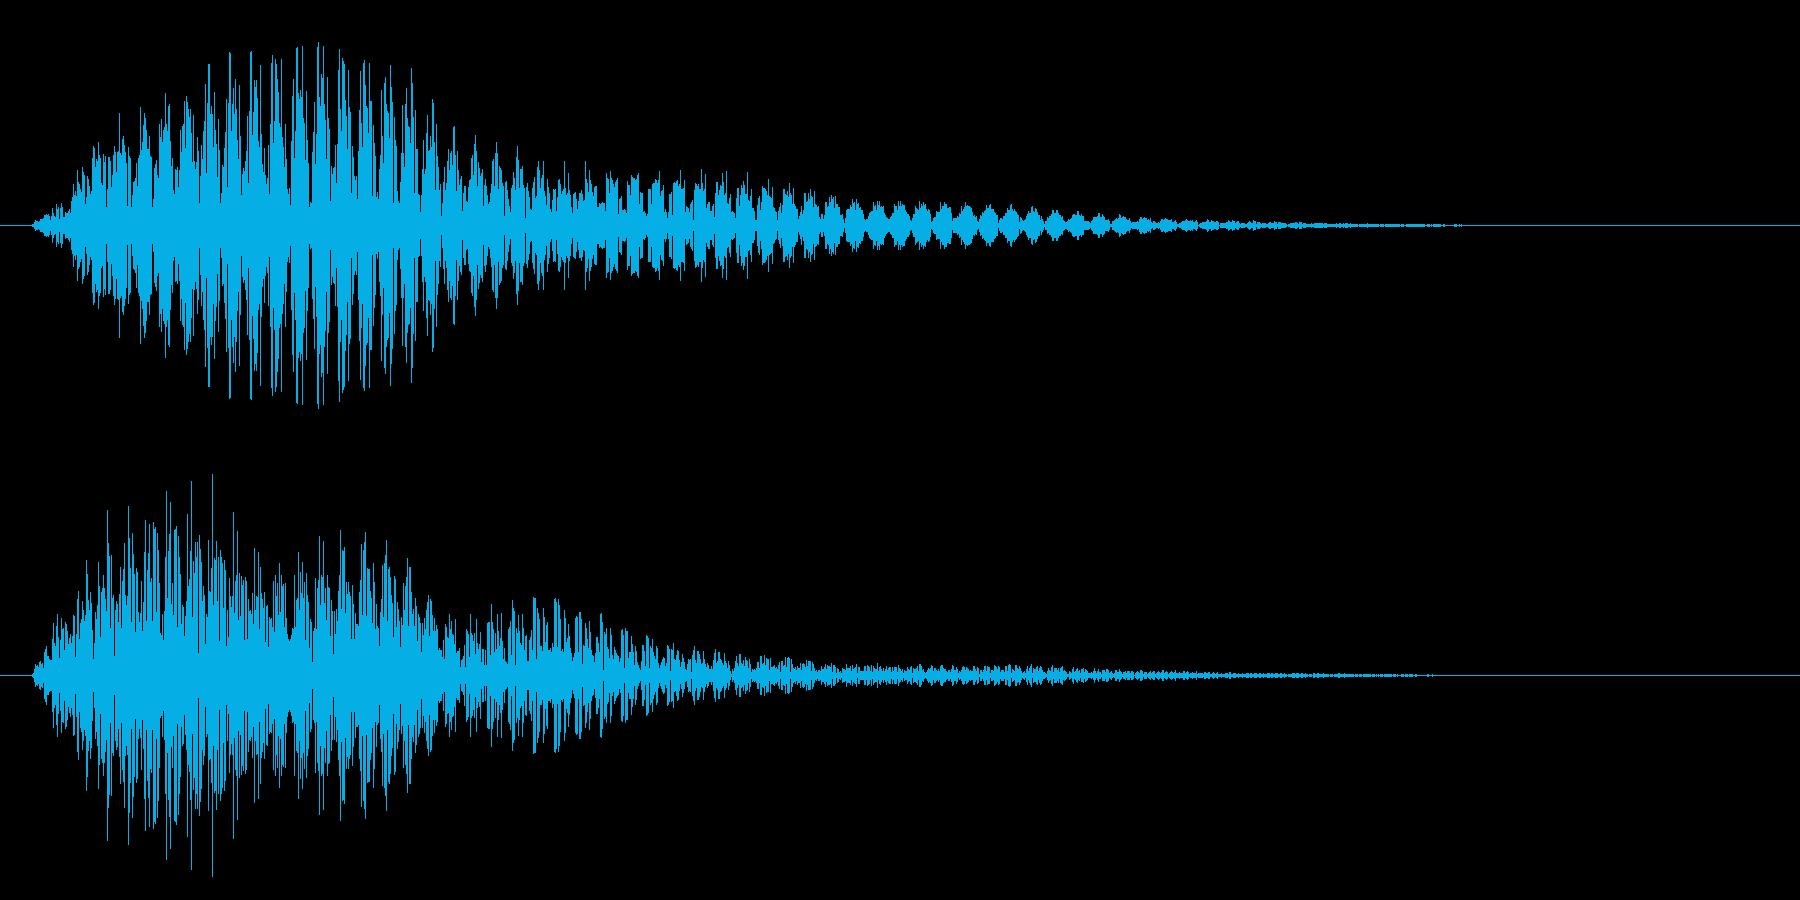 タッチ音/フォン/柔らかいの再生済みの波形